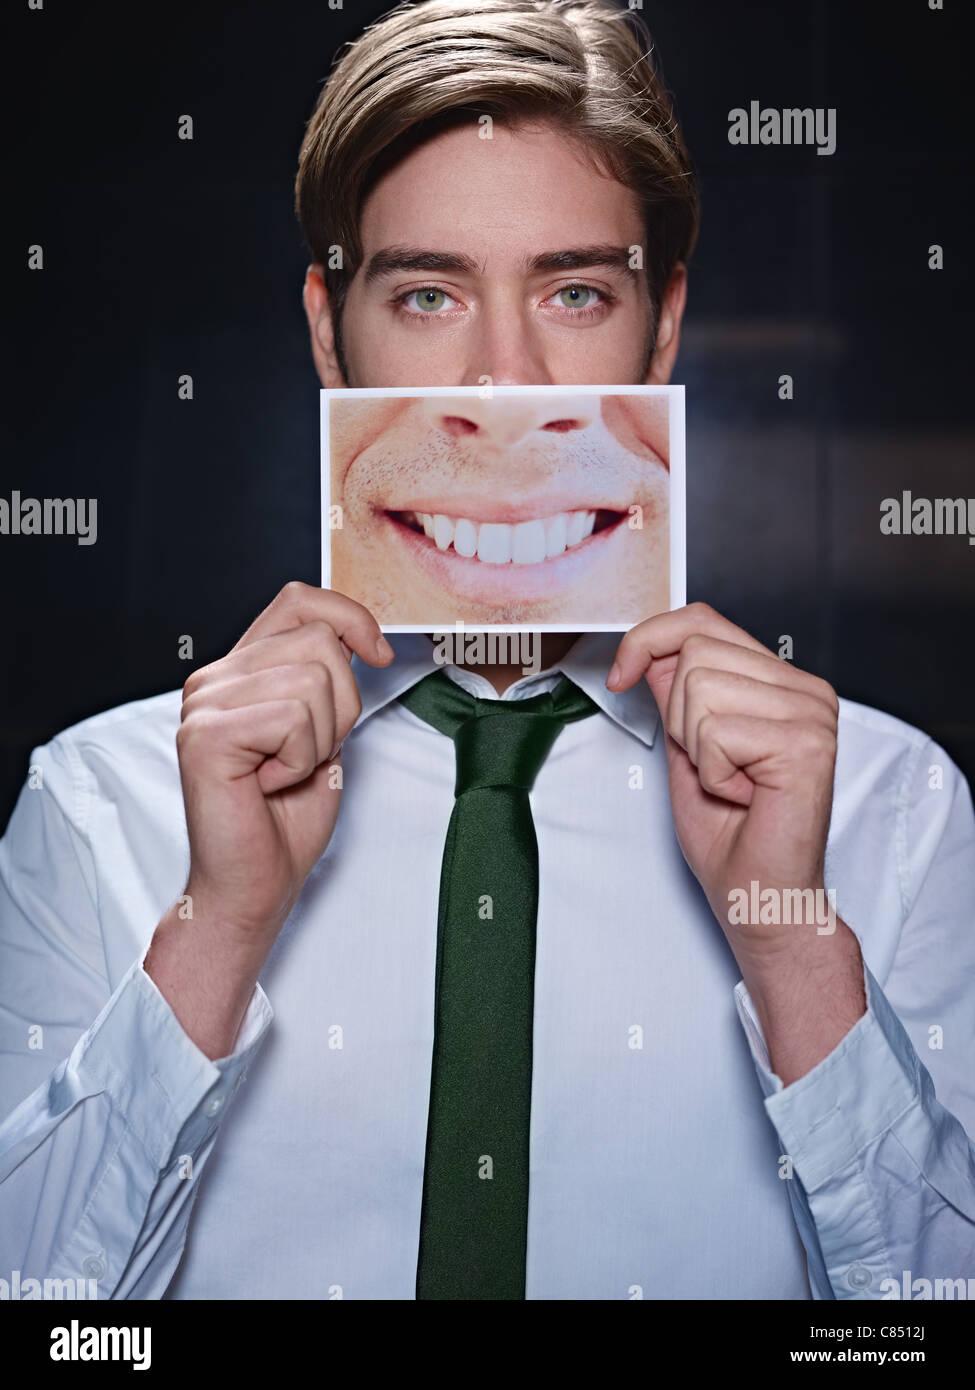 junger Geschäftsmann mit Foto von toothy Lächeln auf schwarzem Hintergrund. Vertikale Form, Vorderansicht, Stockbild